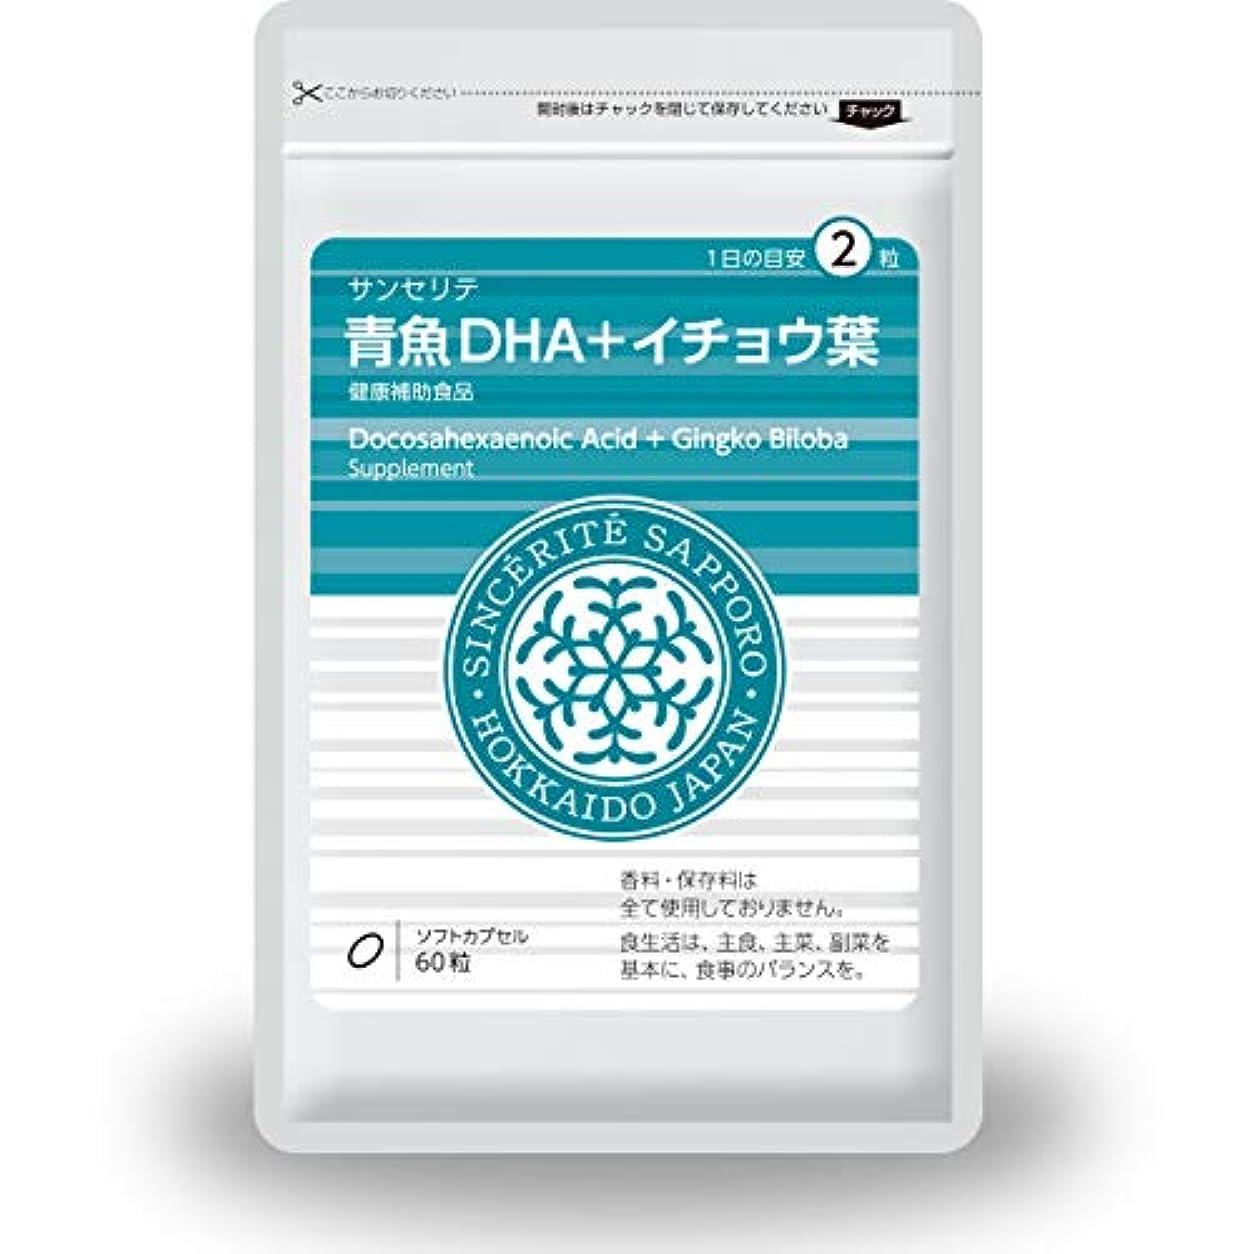 覚えている沈黙流行青魚DHA+イチョウ葉 [DHA]101mg配合[国内製造]しっかり30日分